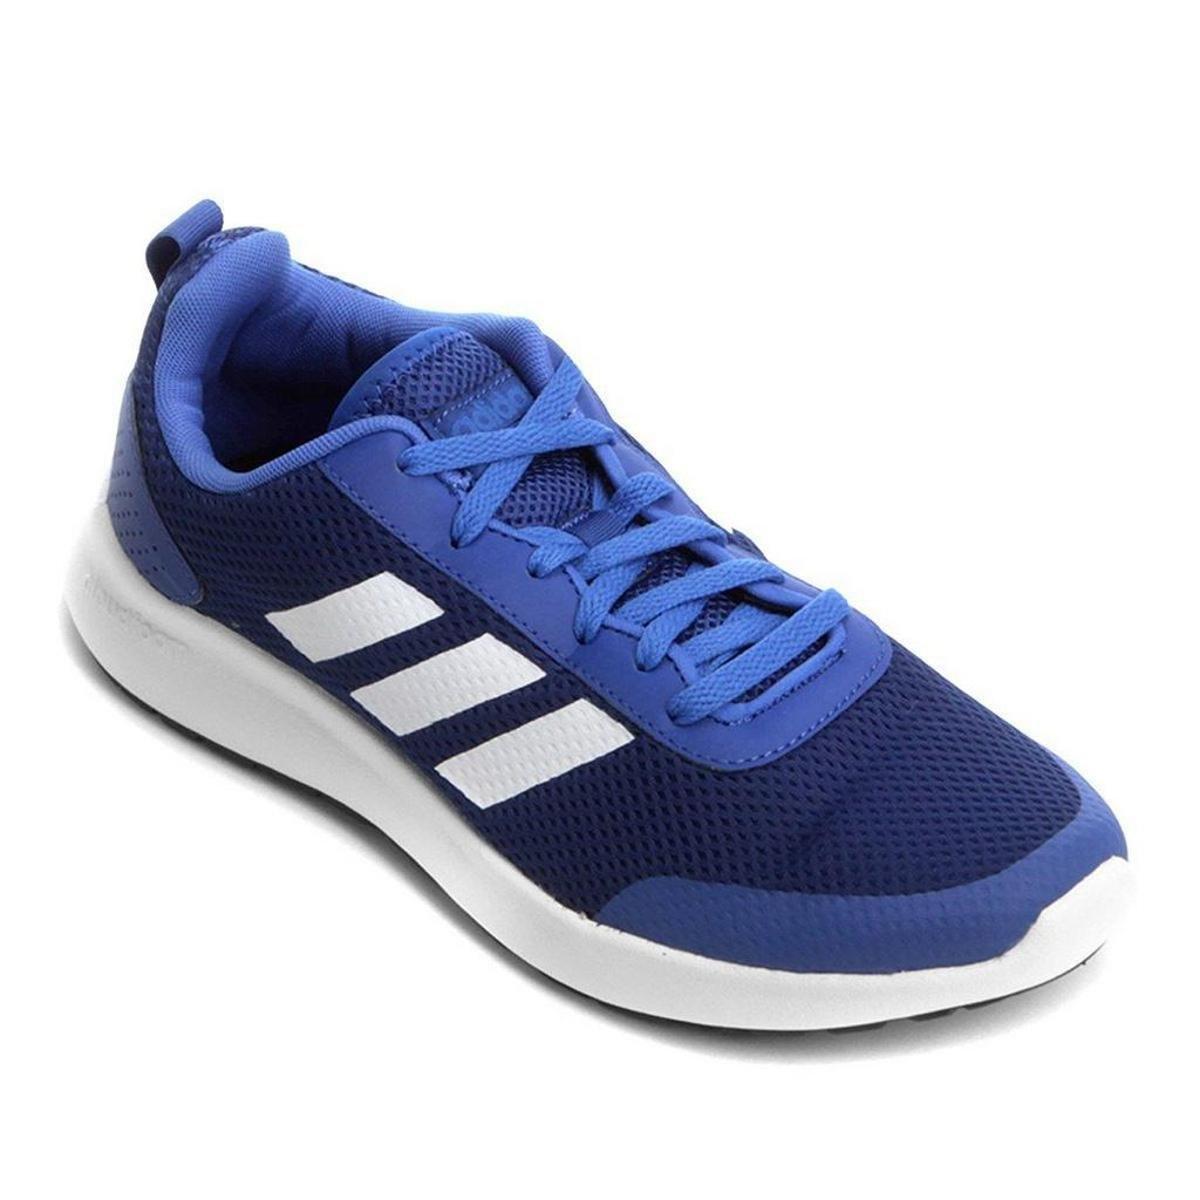 7429a0ff58d Tênis Adidas CF Element Race Masculino - Branco e Azul Royal - Compre Agora